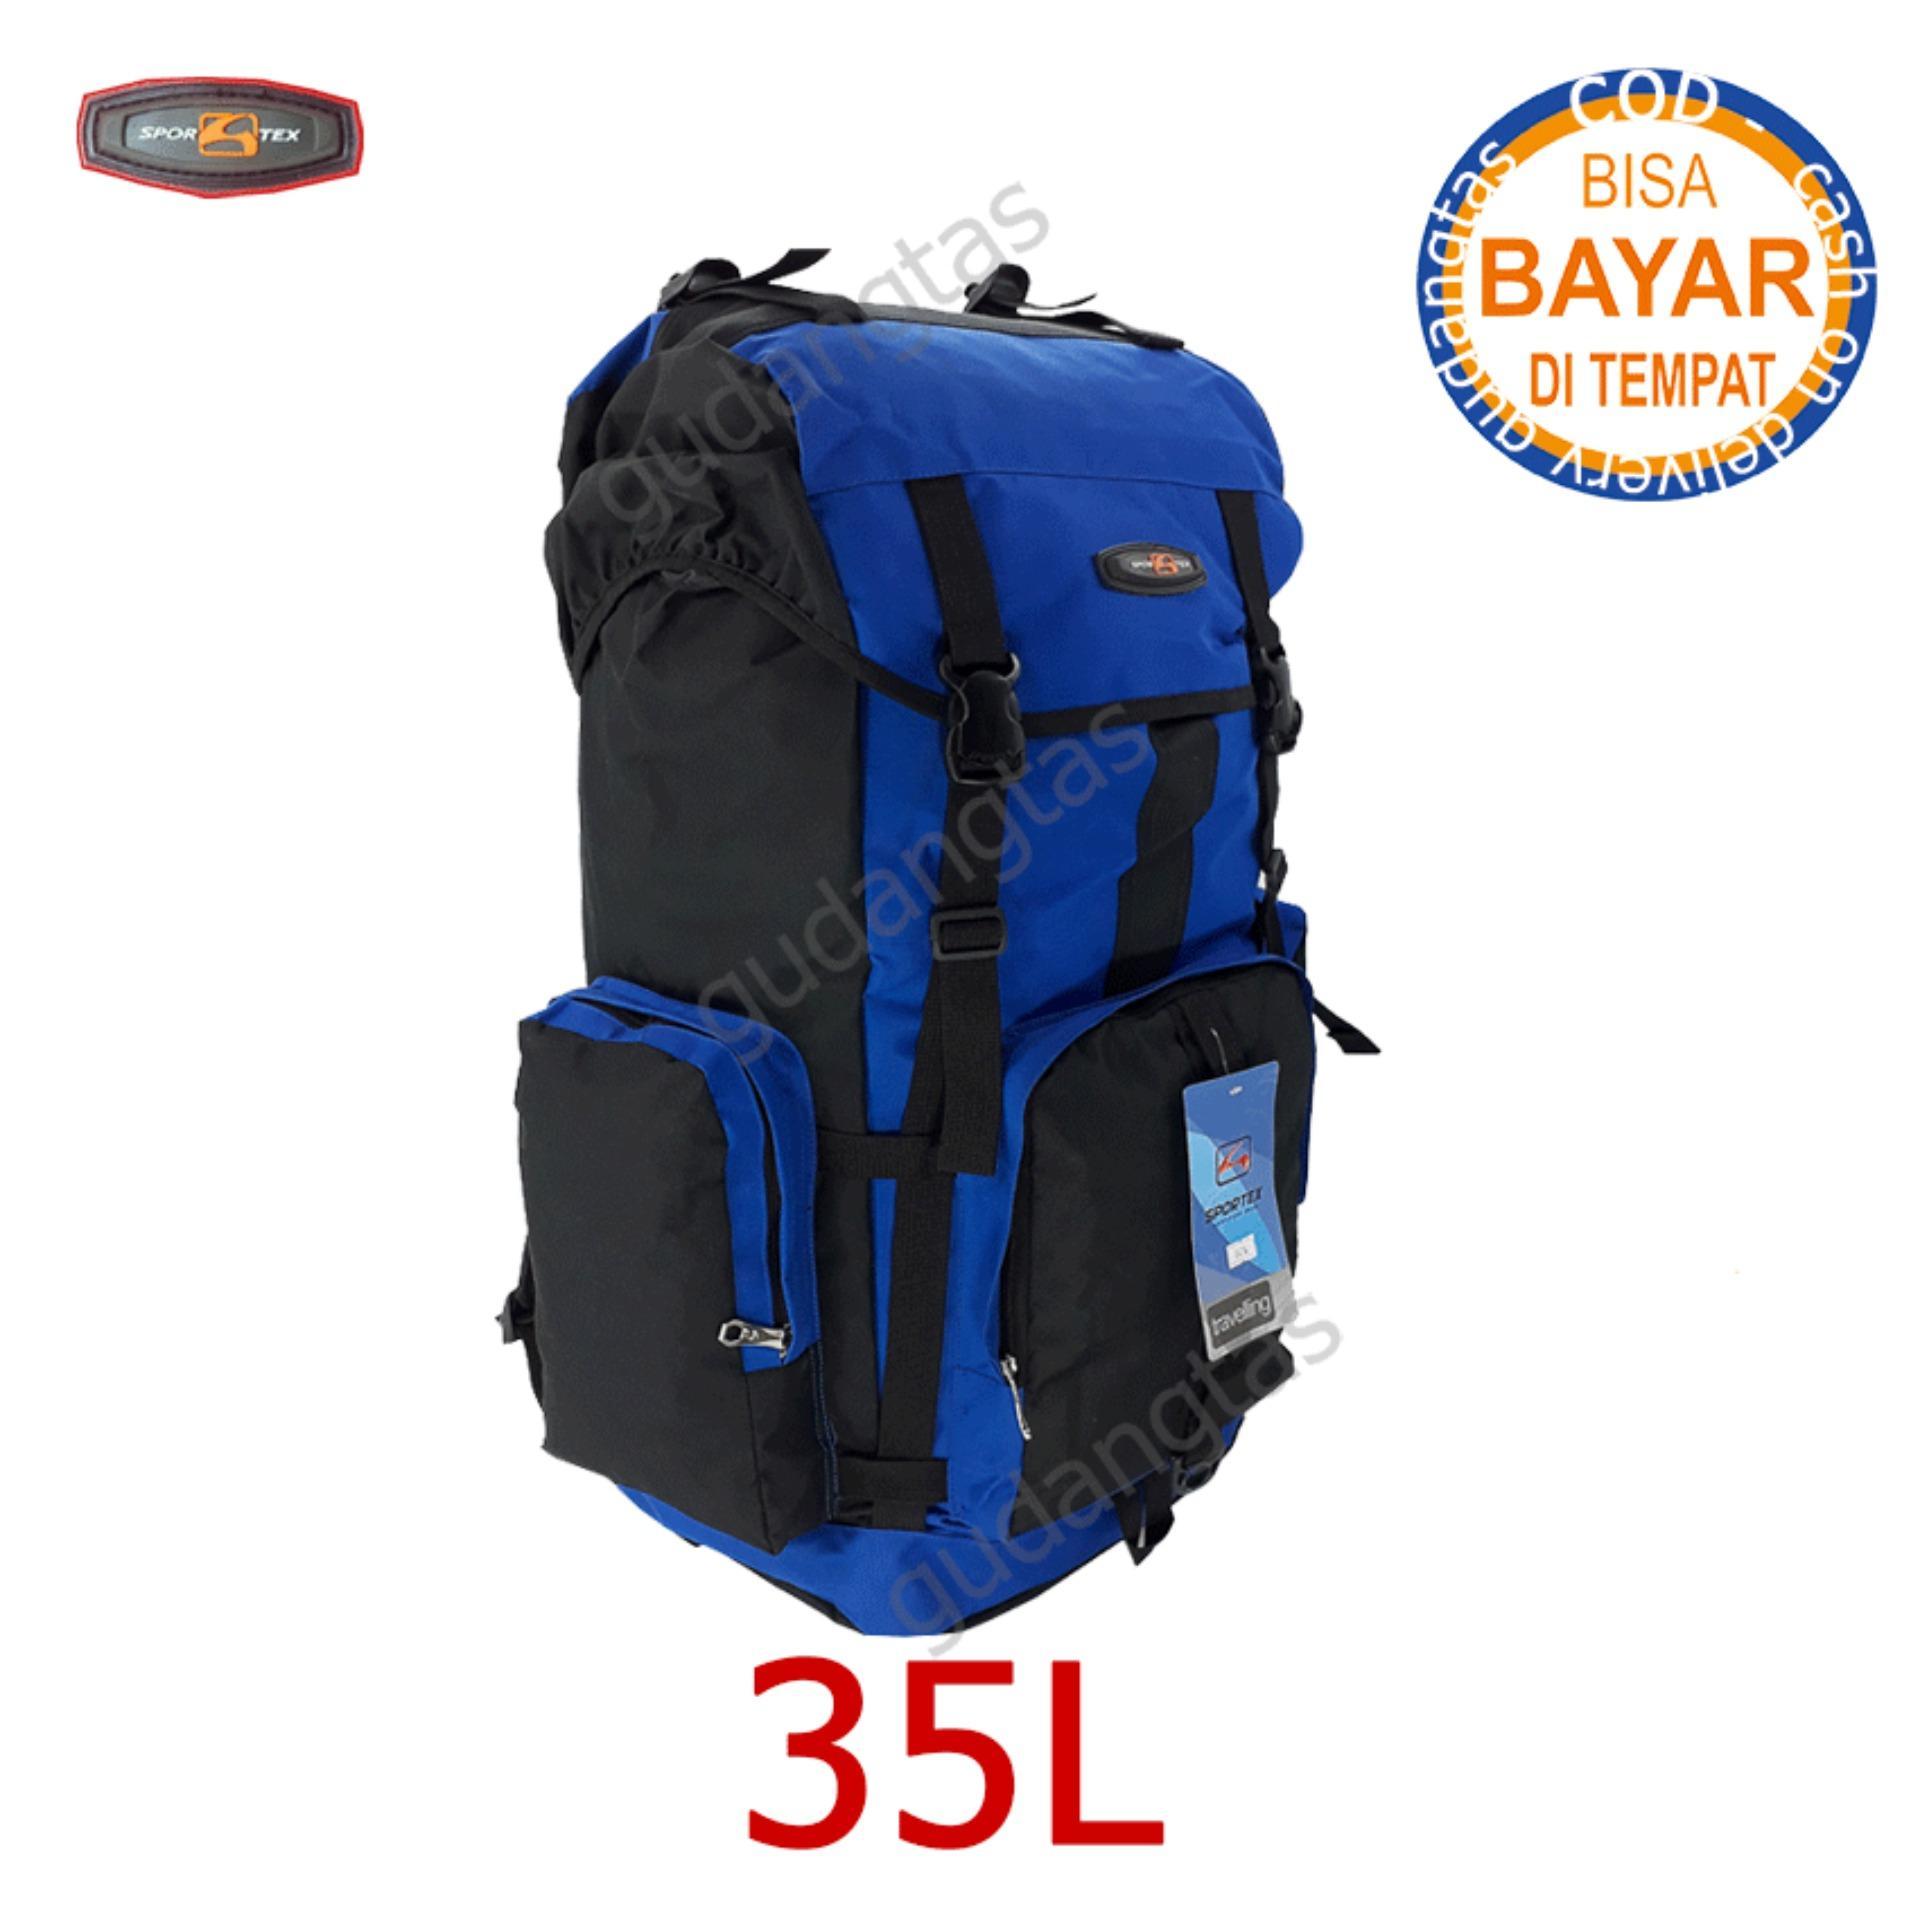 Sportex Tas Ransel Gunung Tas Keril Tas Carrier 35L Tas Camping Tas Hiking  30L0883 BIRU TERANG kombinasi hitam Backpack Sport Outdoor